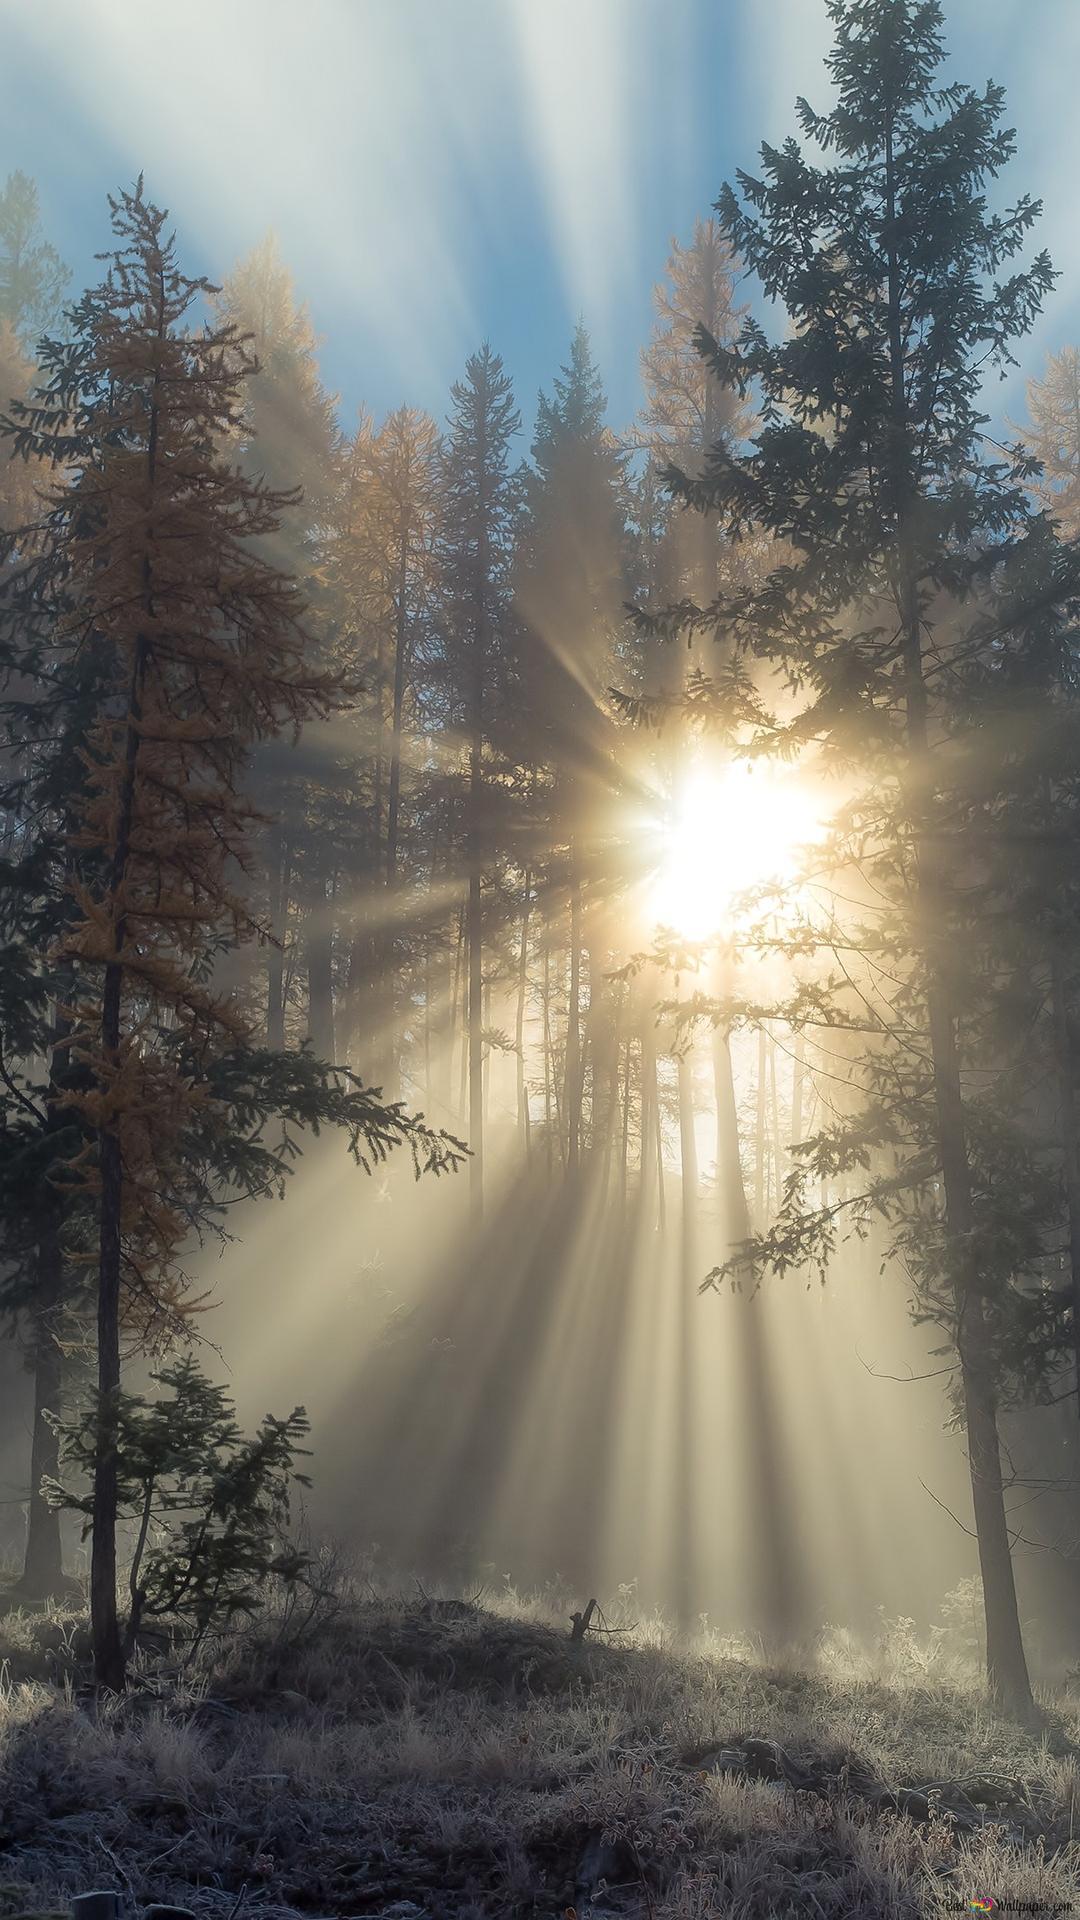 Wald Sunbeam Hd Hintergrundbilder Herunterladen